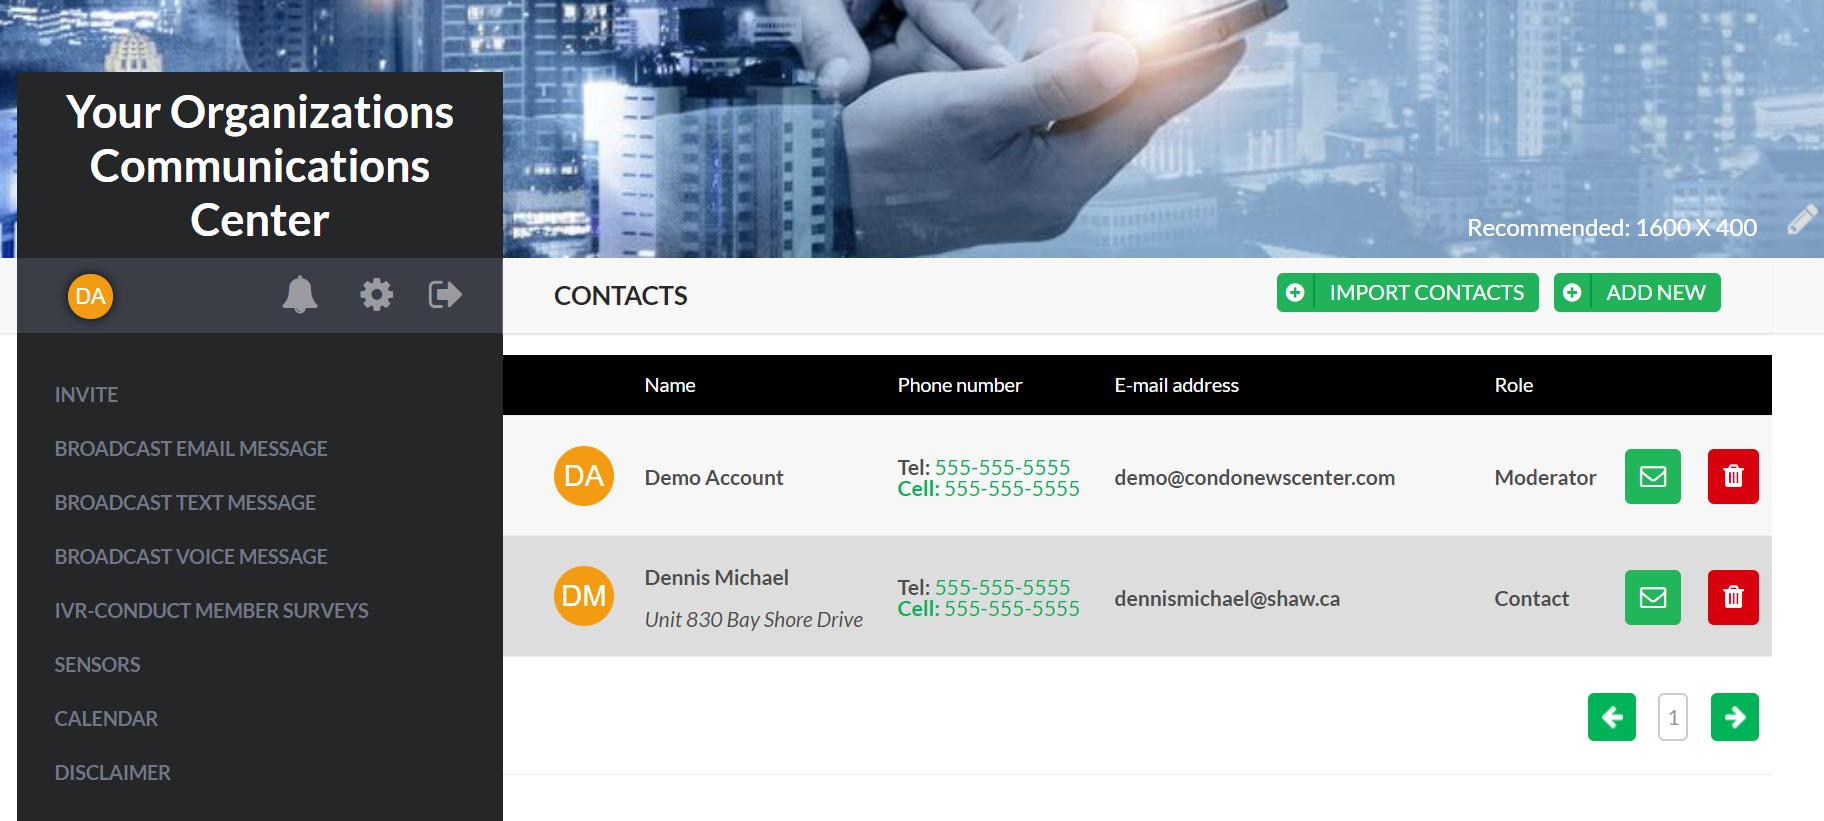 Communication Centers contact management